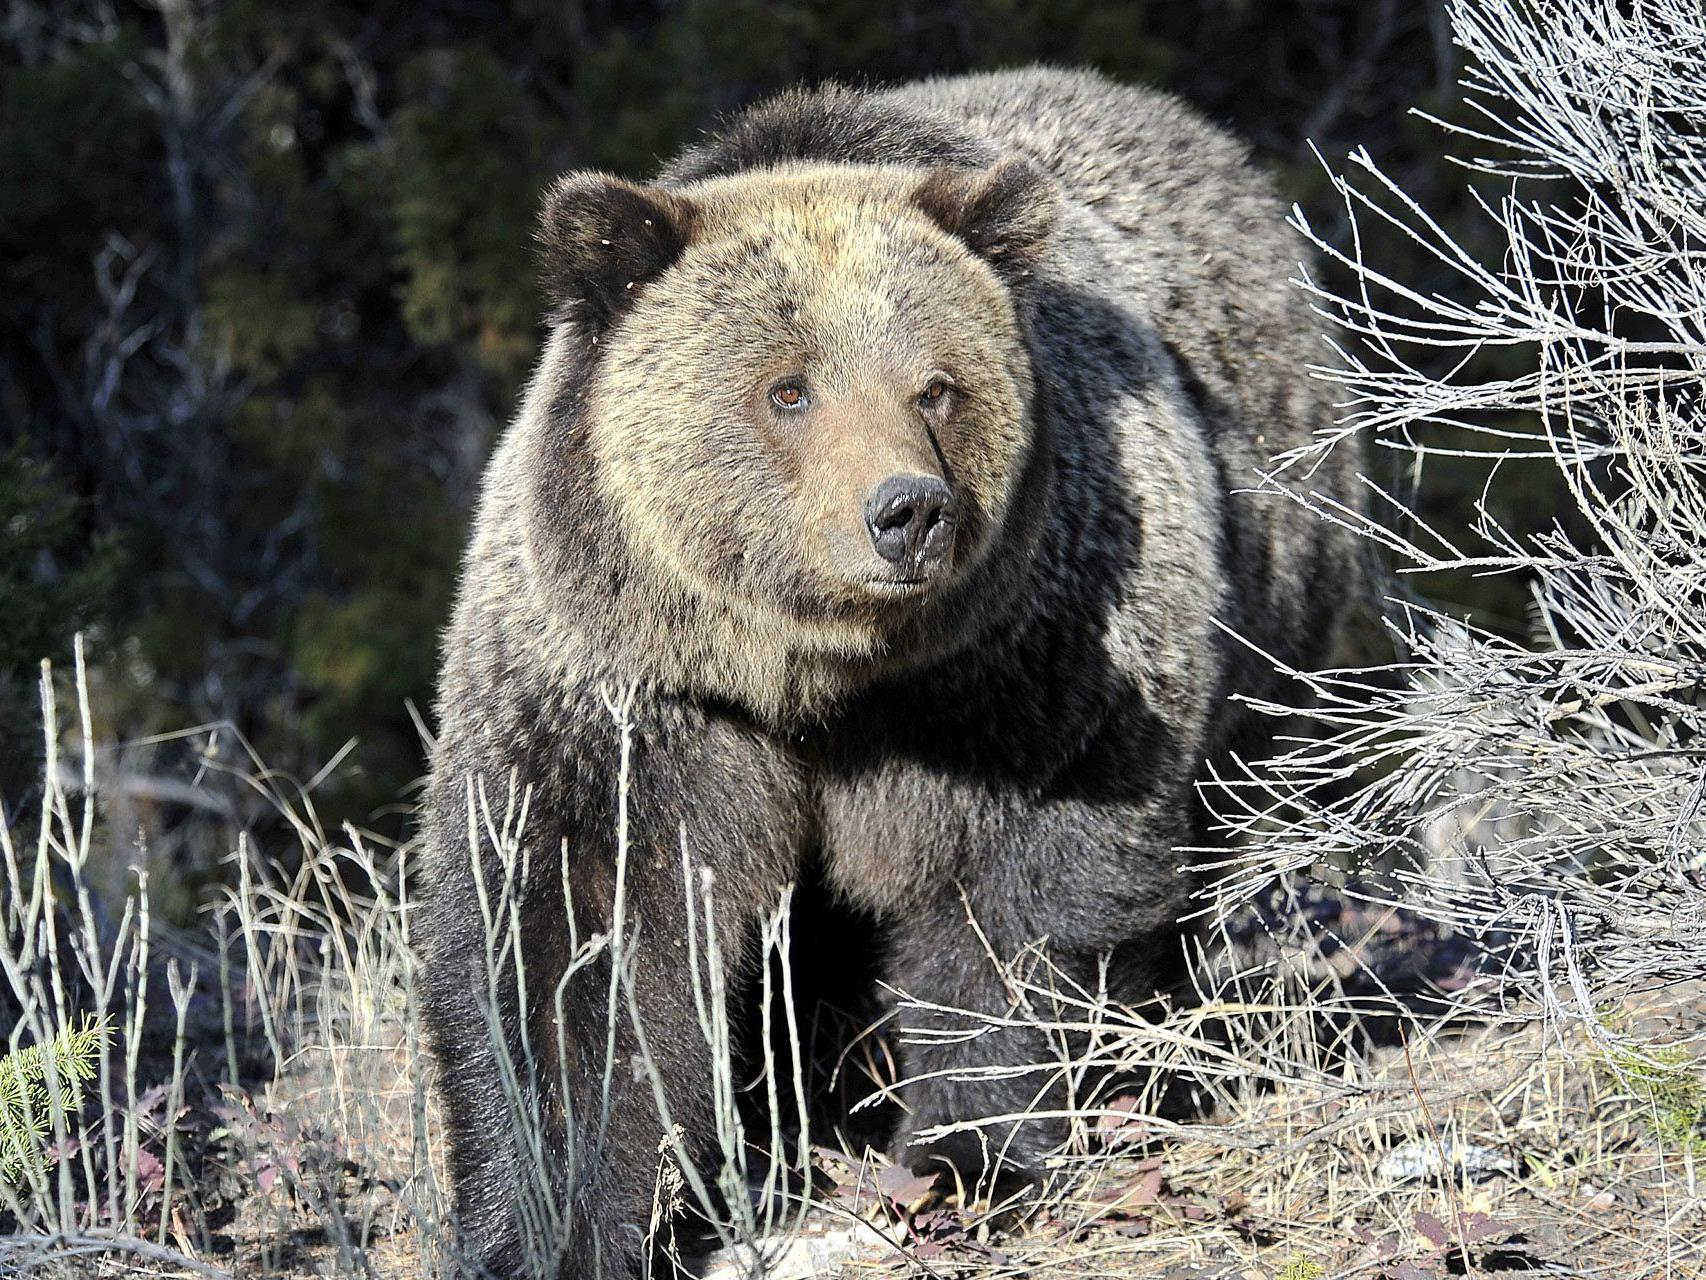 Der Tourist war dem 270 Kilo schweren Tier augenscheinlich viel zu nahe gekommen.